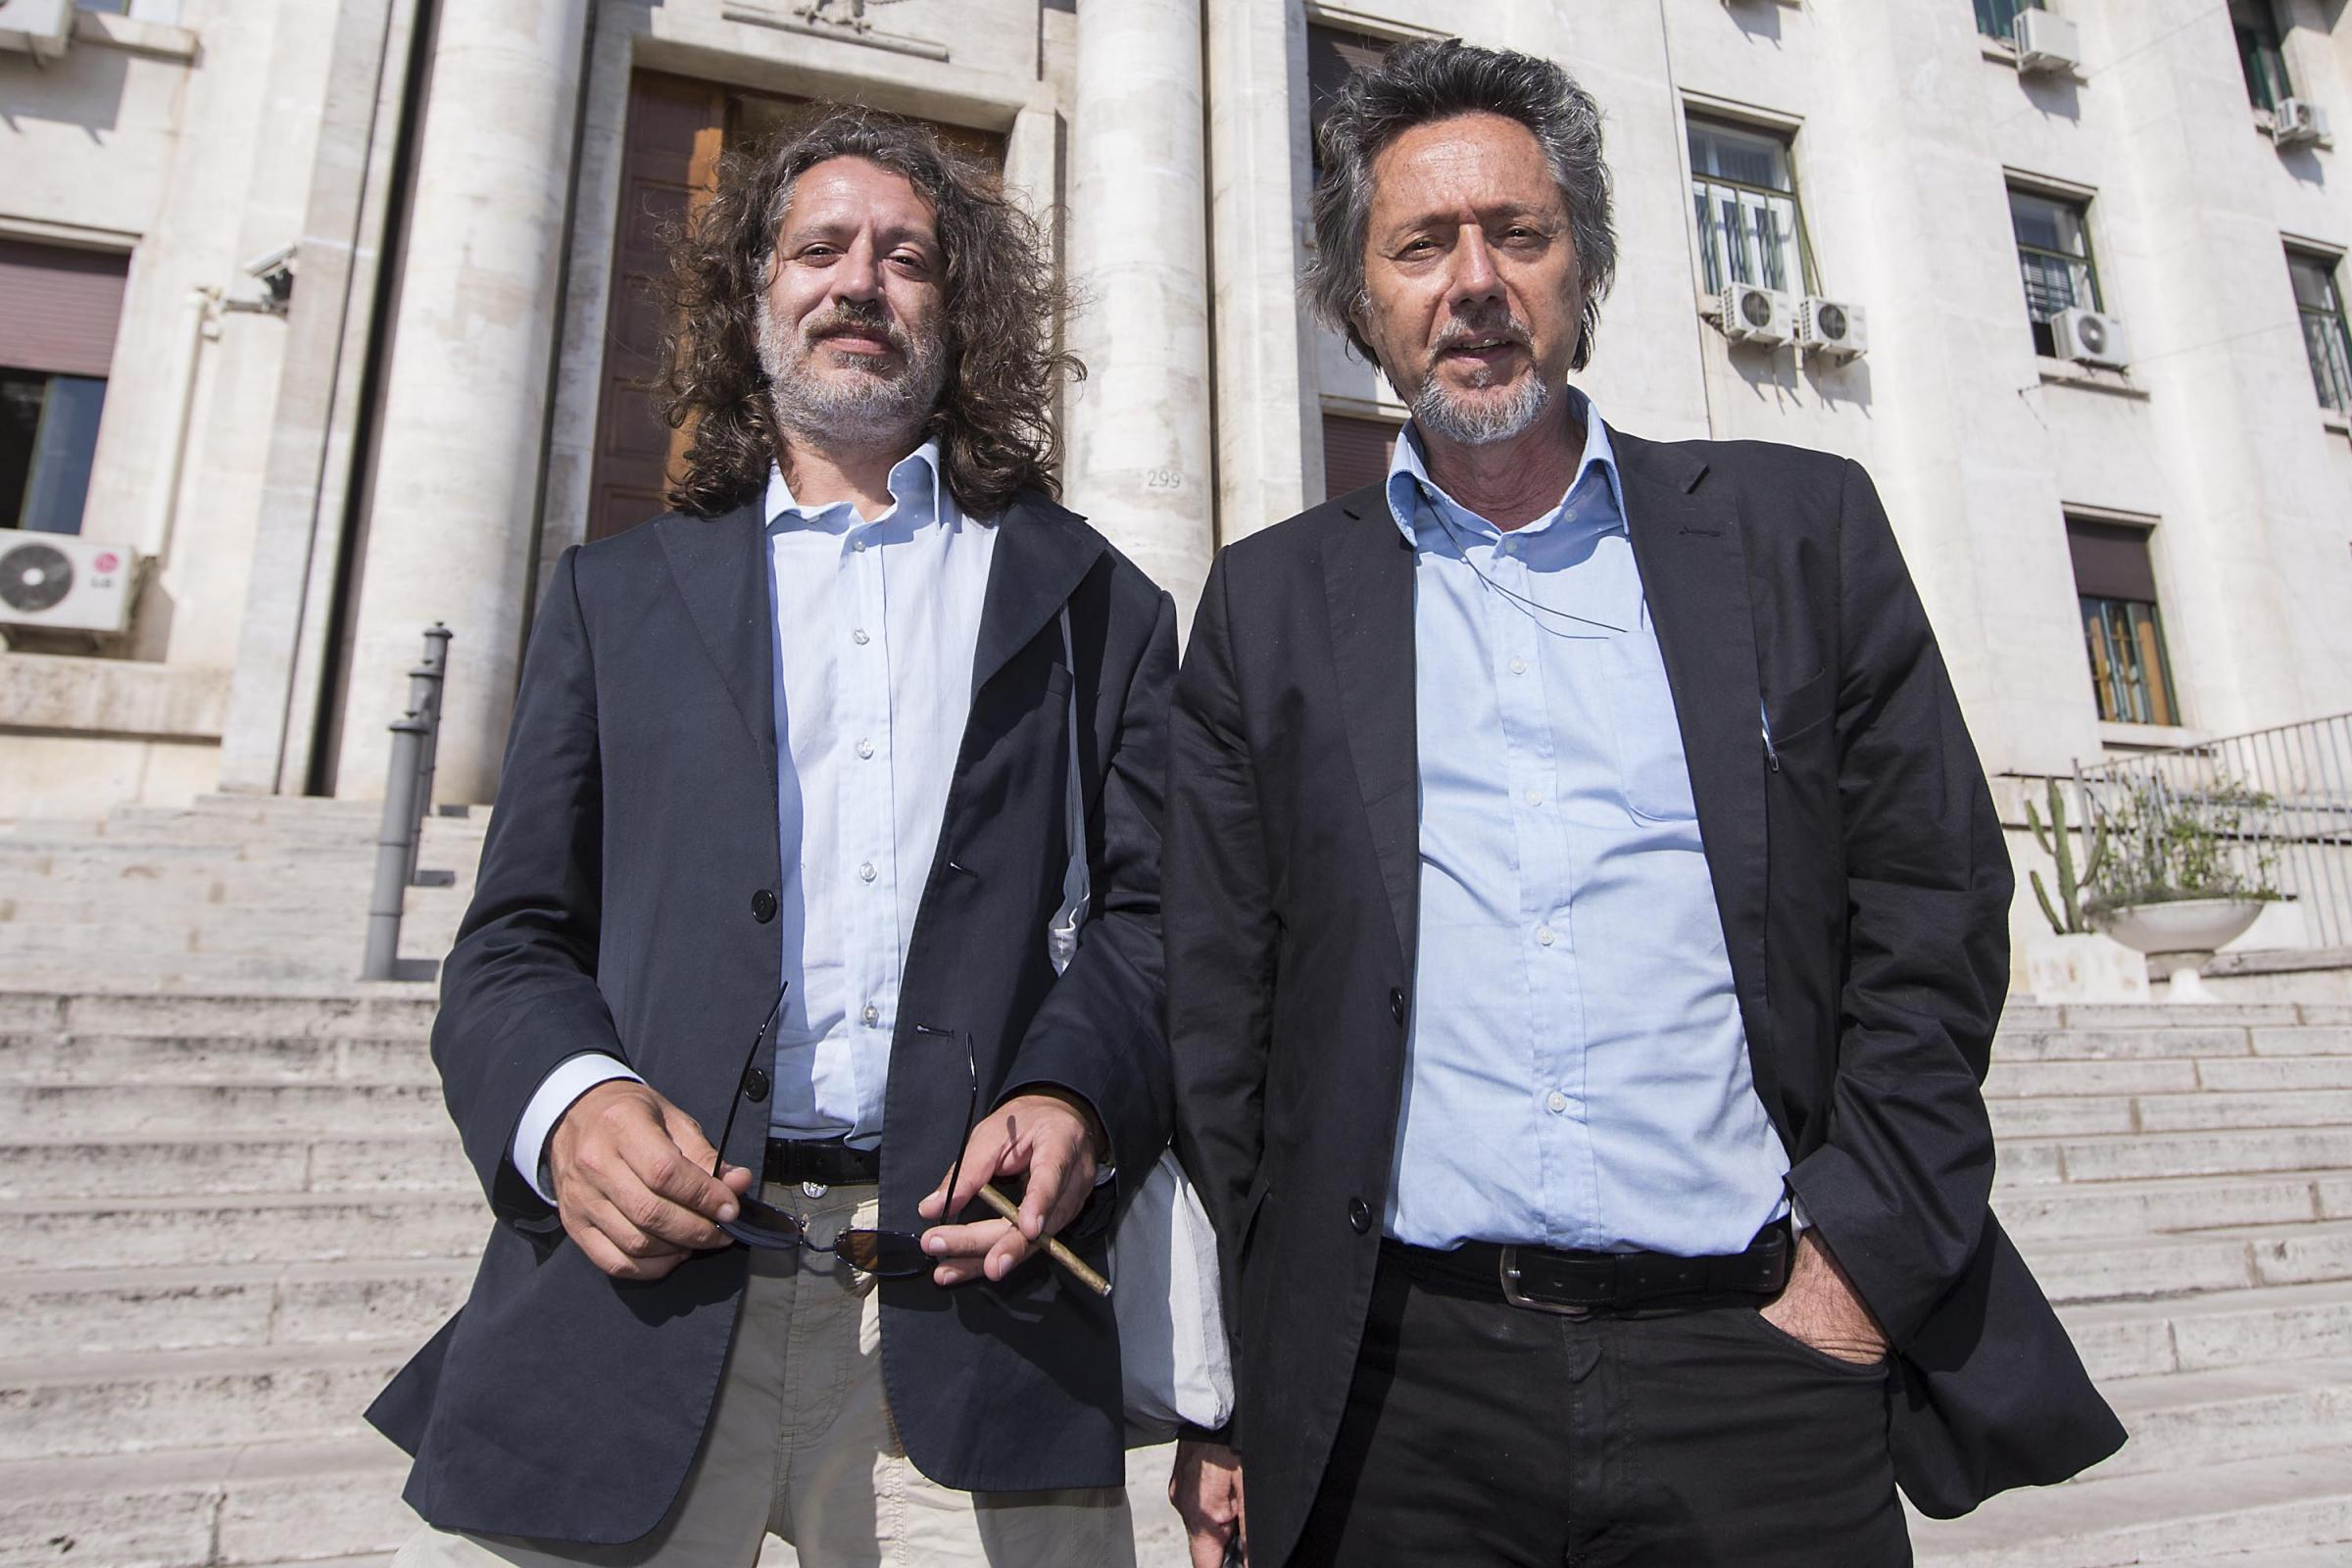 Davide Vannoni e Mariano Andolina